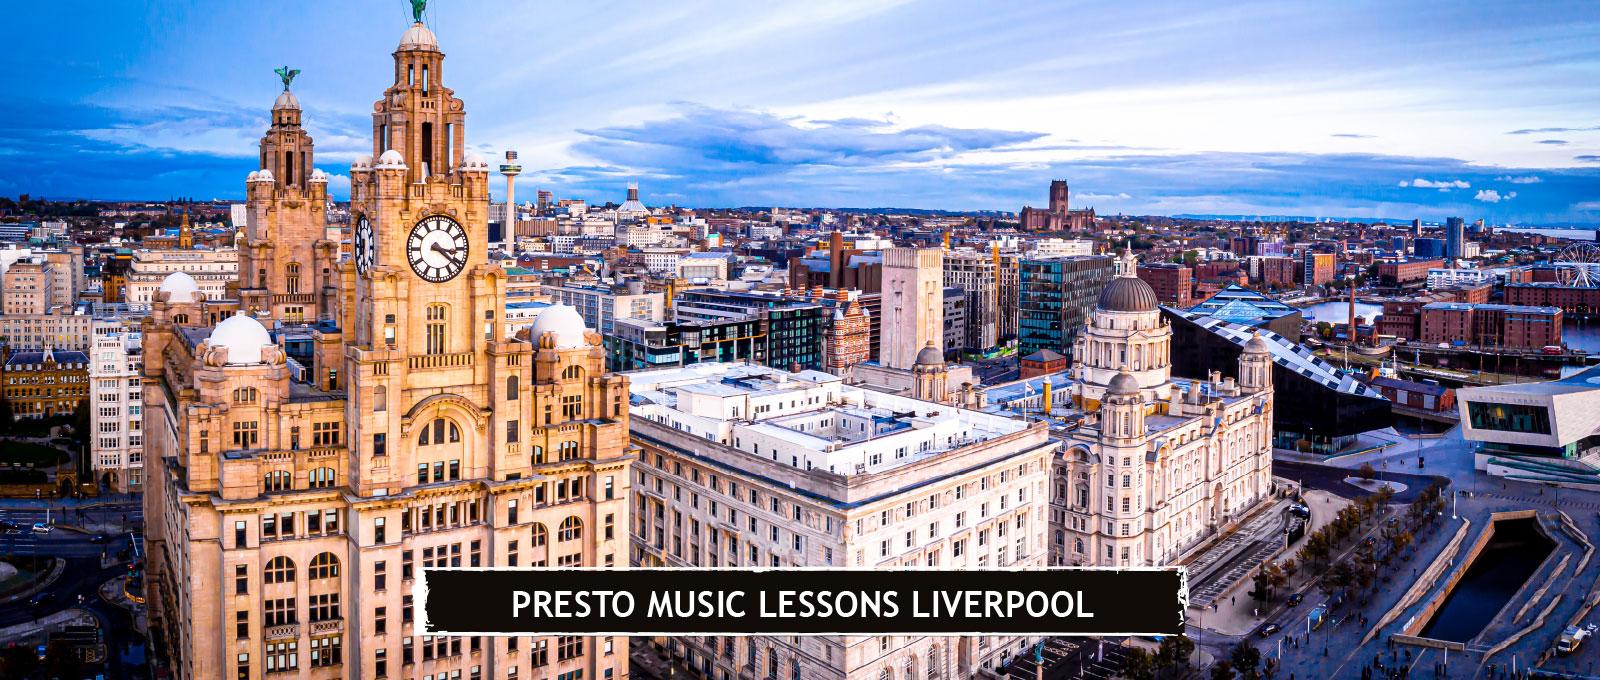 Presto Music Lessons Liverpool